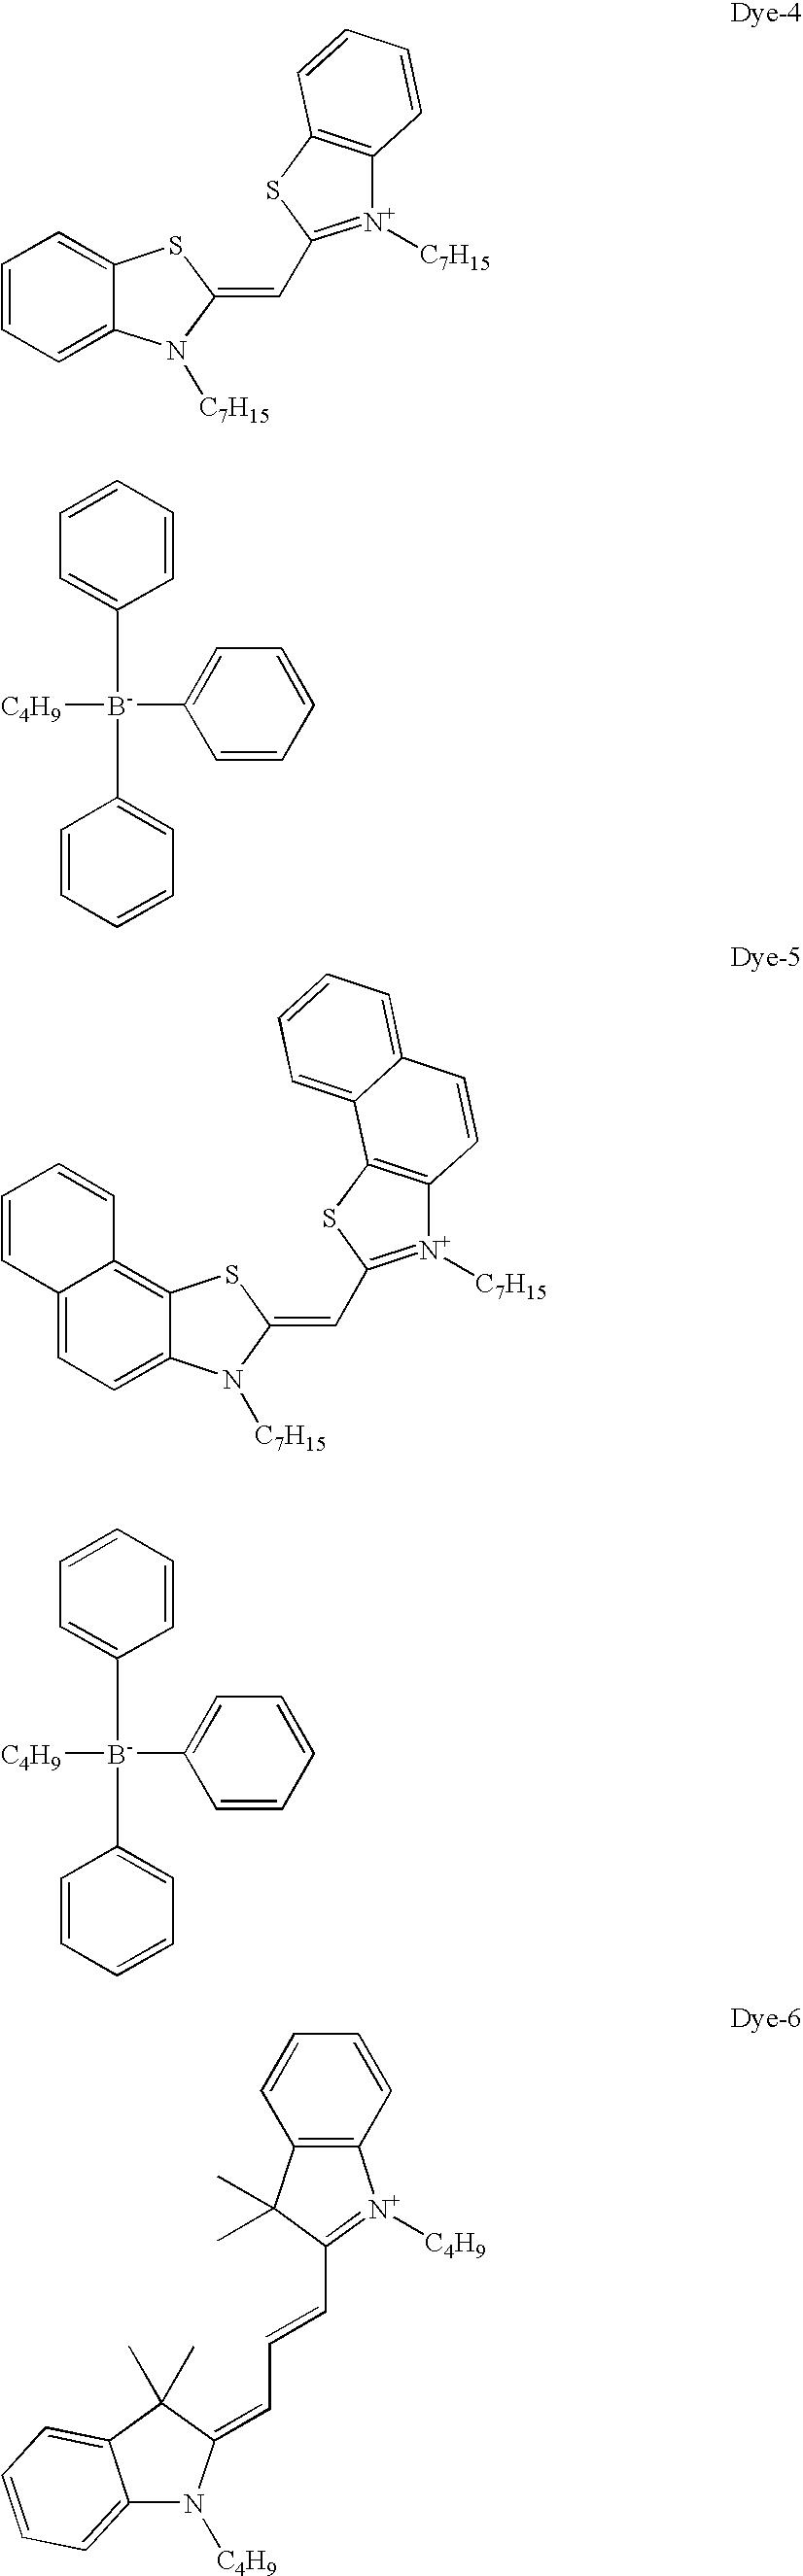 Figure US20050164116A1-20050728-C00002